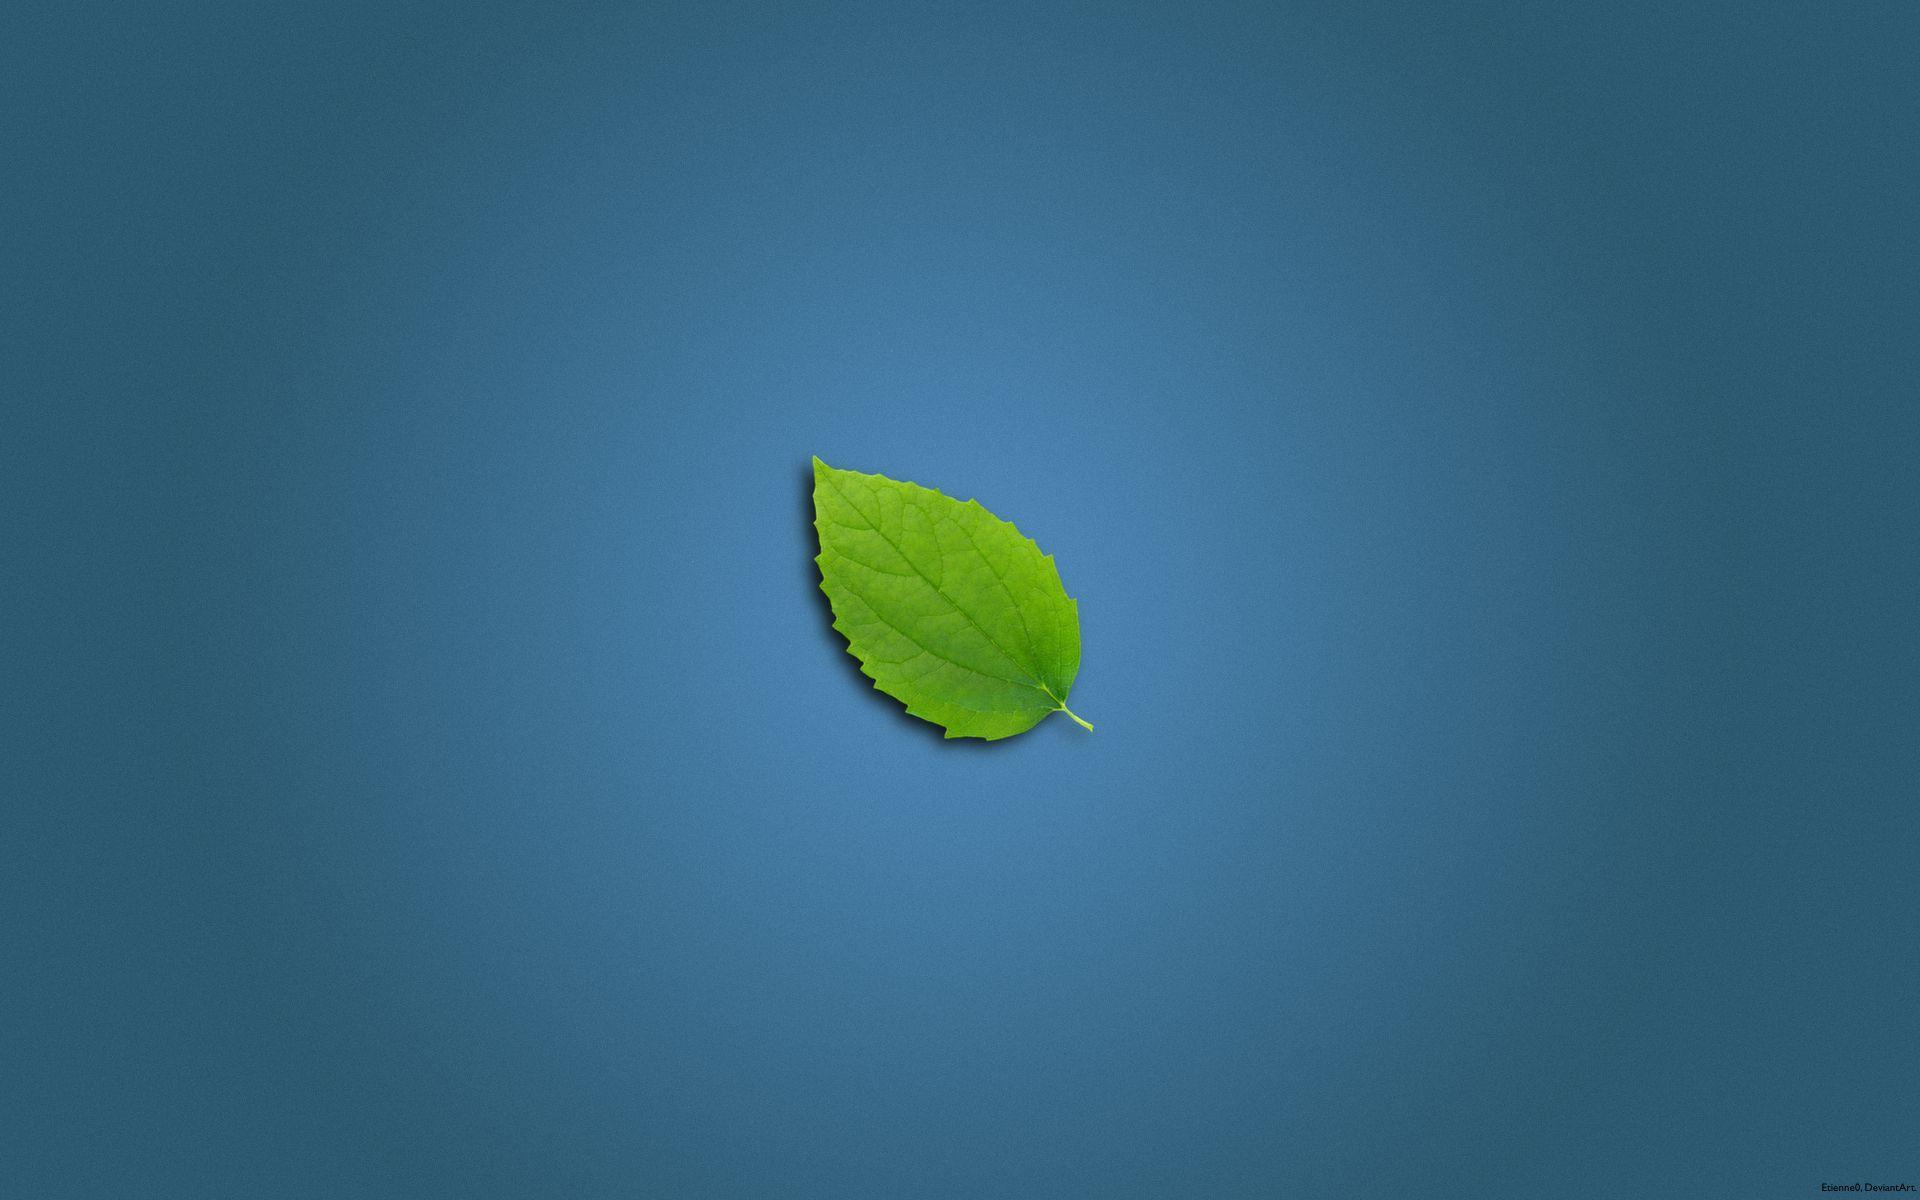 Clean Leaf Wallpapers - 10018